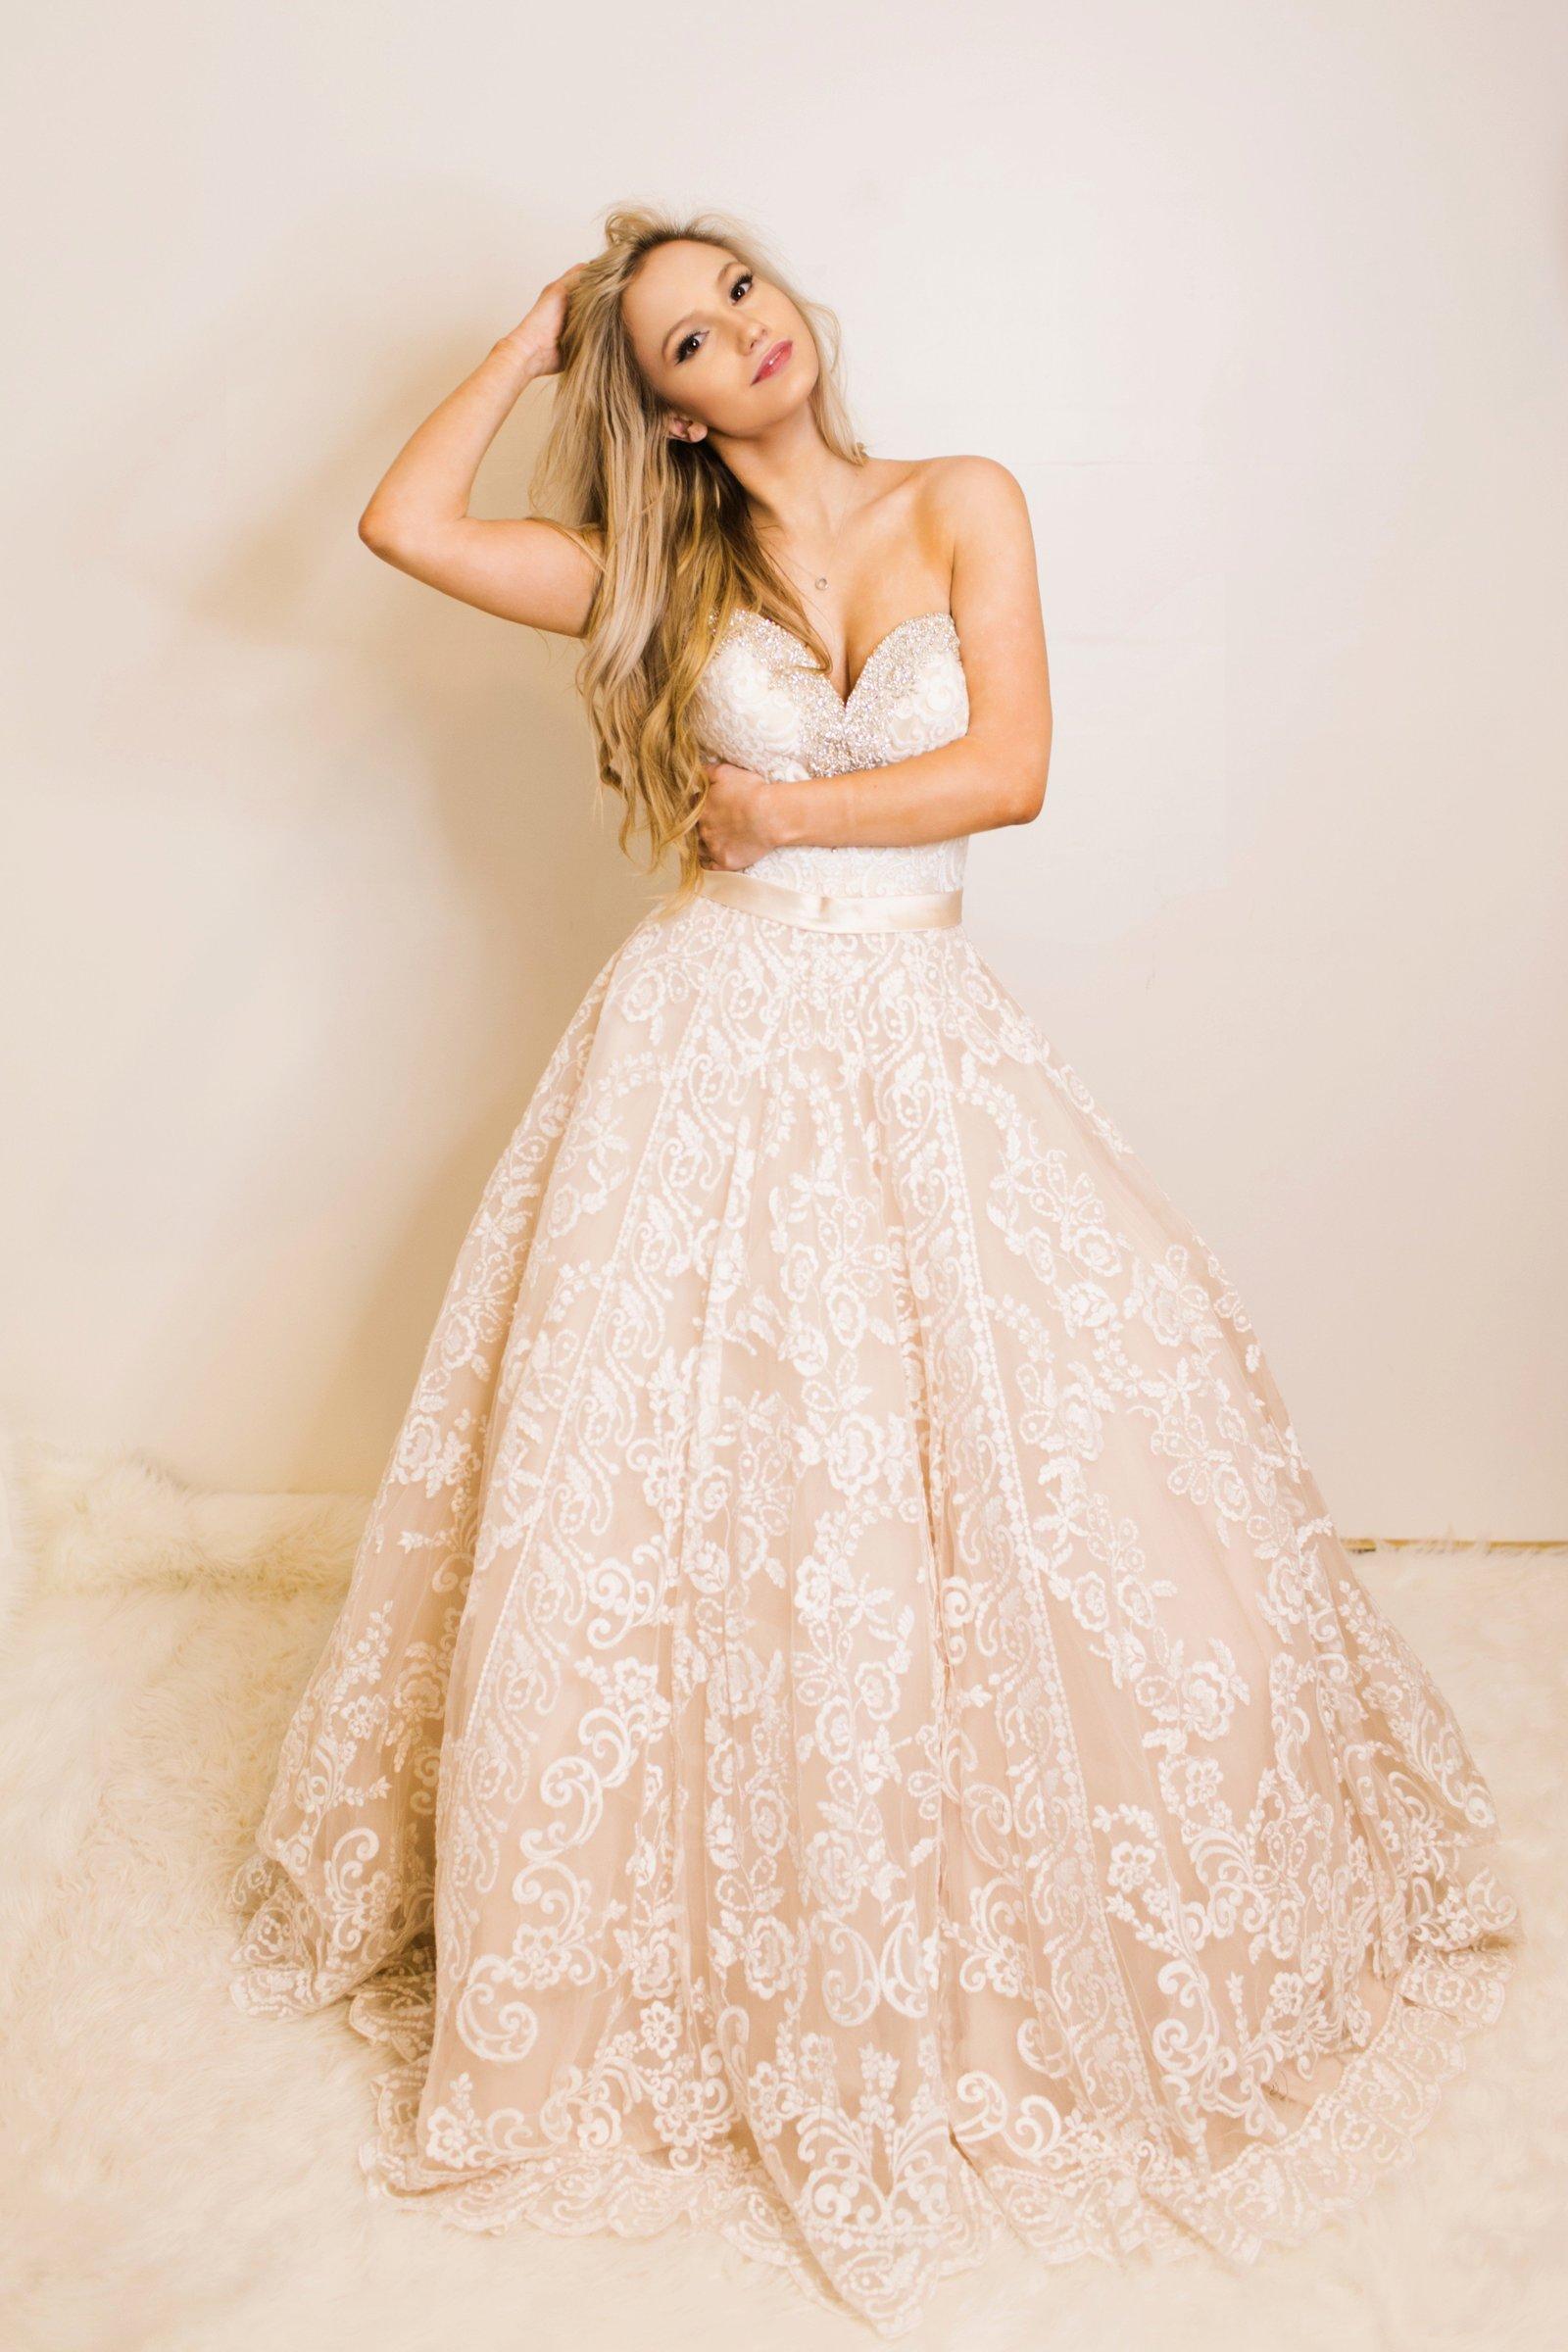 c643a5ccc57 Wedding Dress Shops Near Pittsburgh Pa - Gomes Weine AG